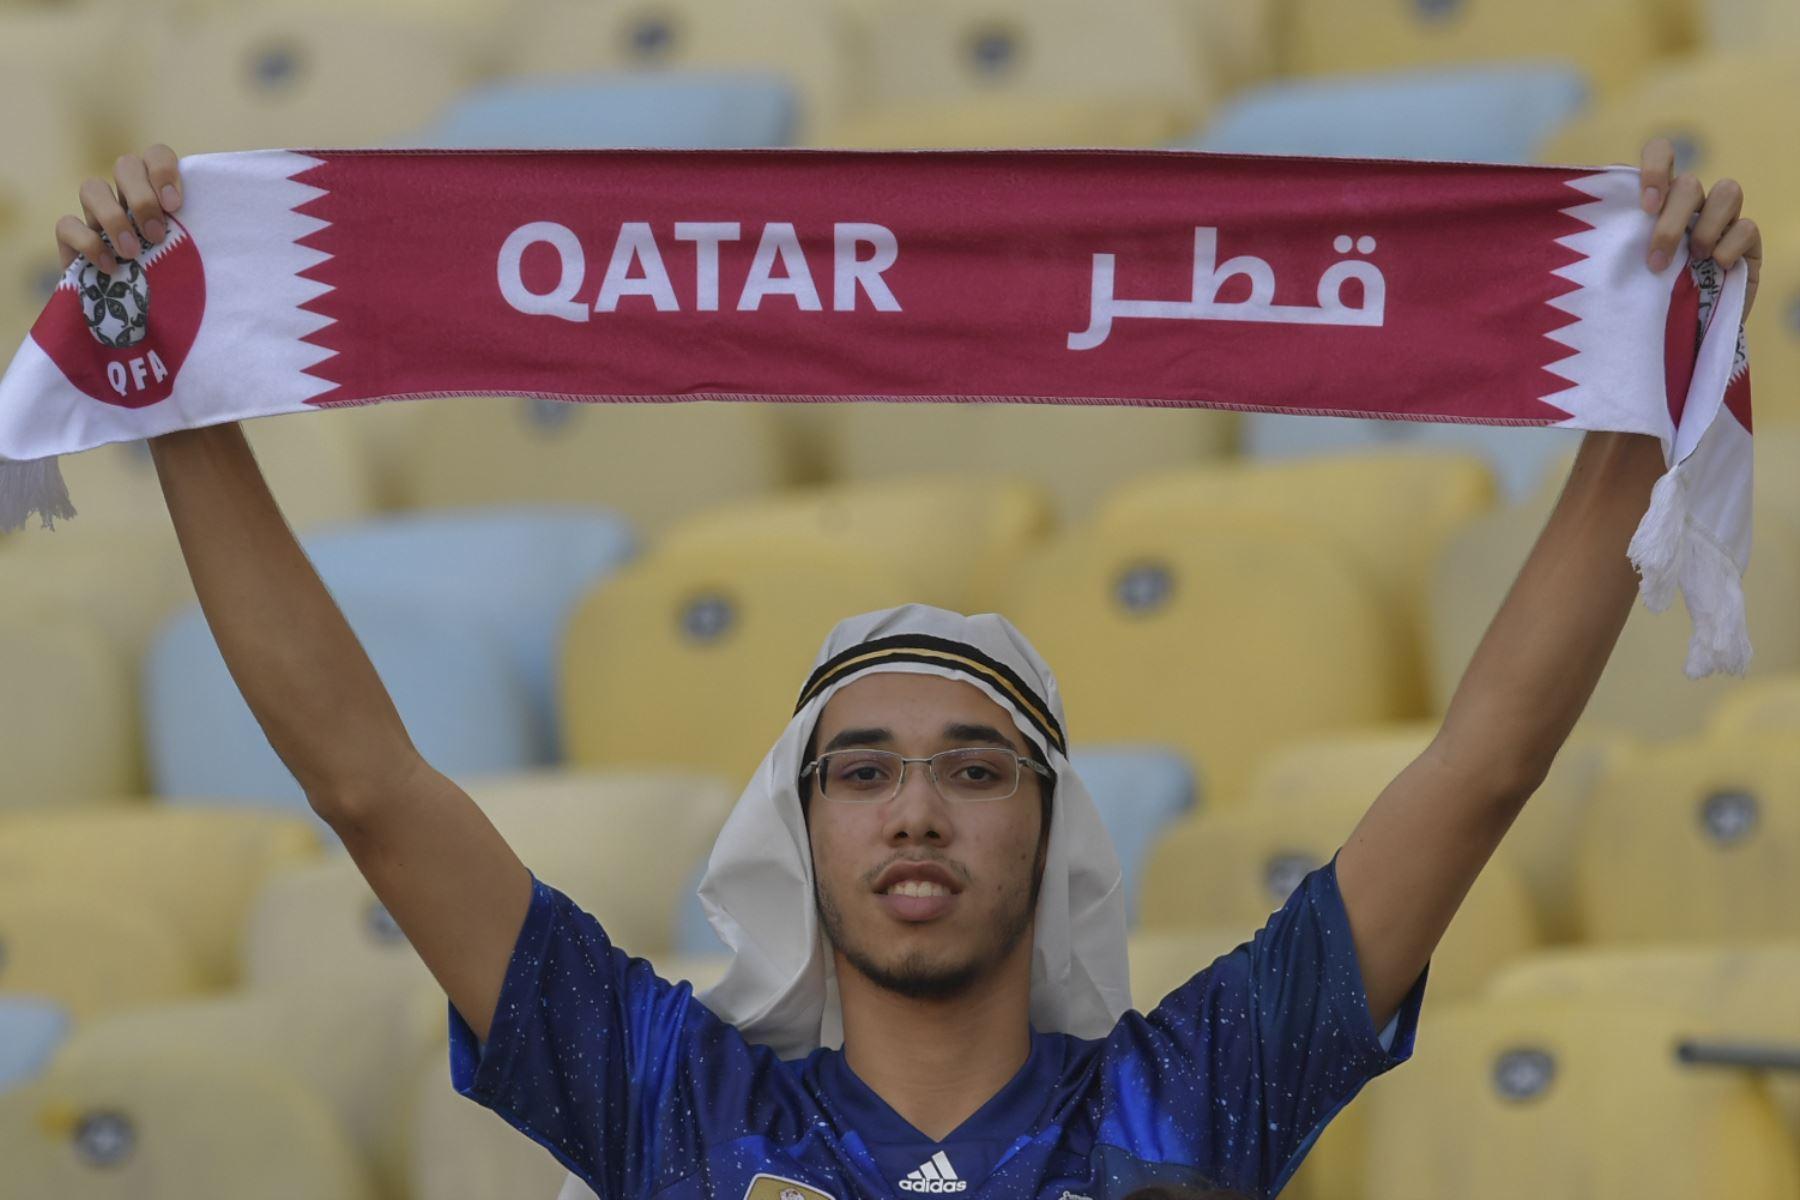 Un fanático de Qatar espera antes del inicio del partido del torneo de fútbol de Copa América contra Paraguay en el Estadio Maracaná de Río de Janeiro, Brasil. Foto:AFP